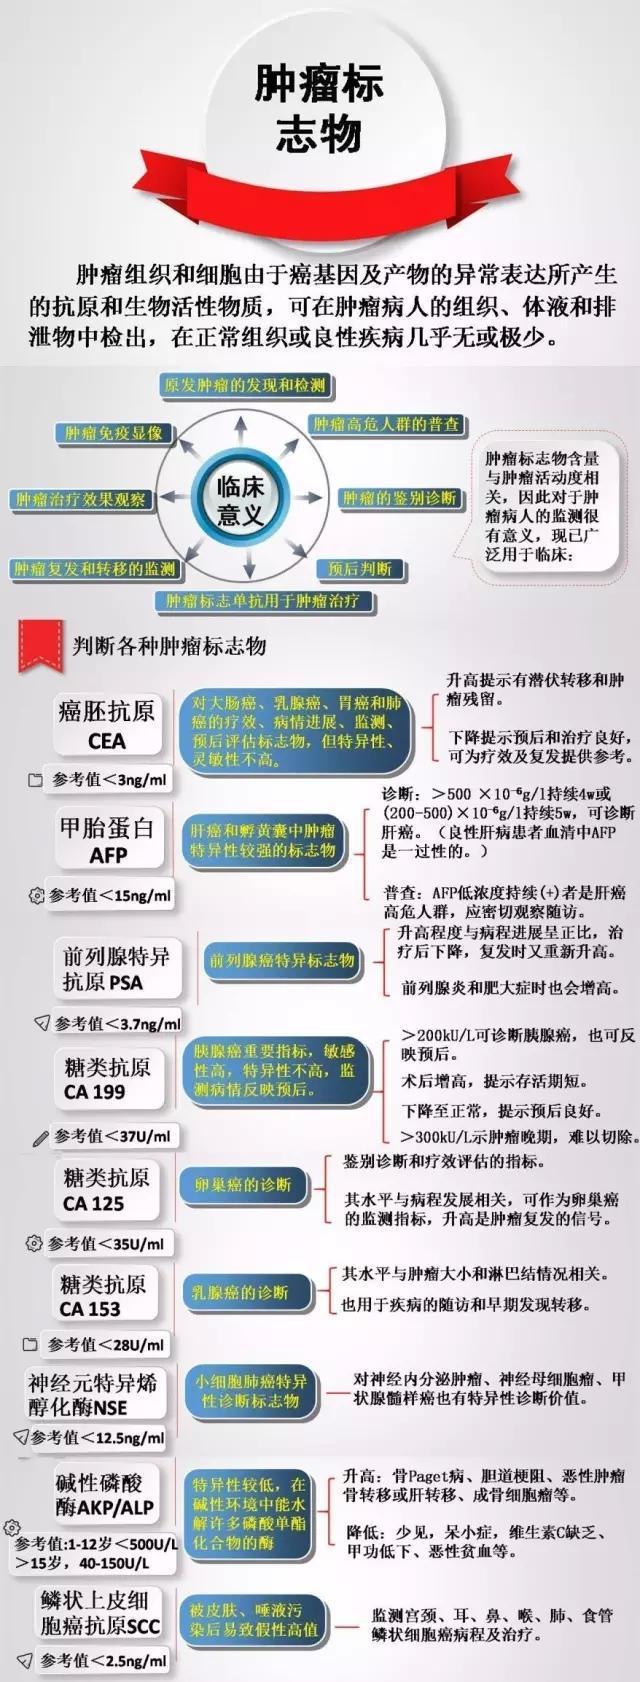 肿瘤标志物_肺癌常用肿瘤标志物 - 知乎